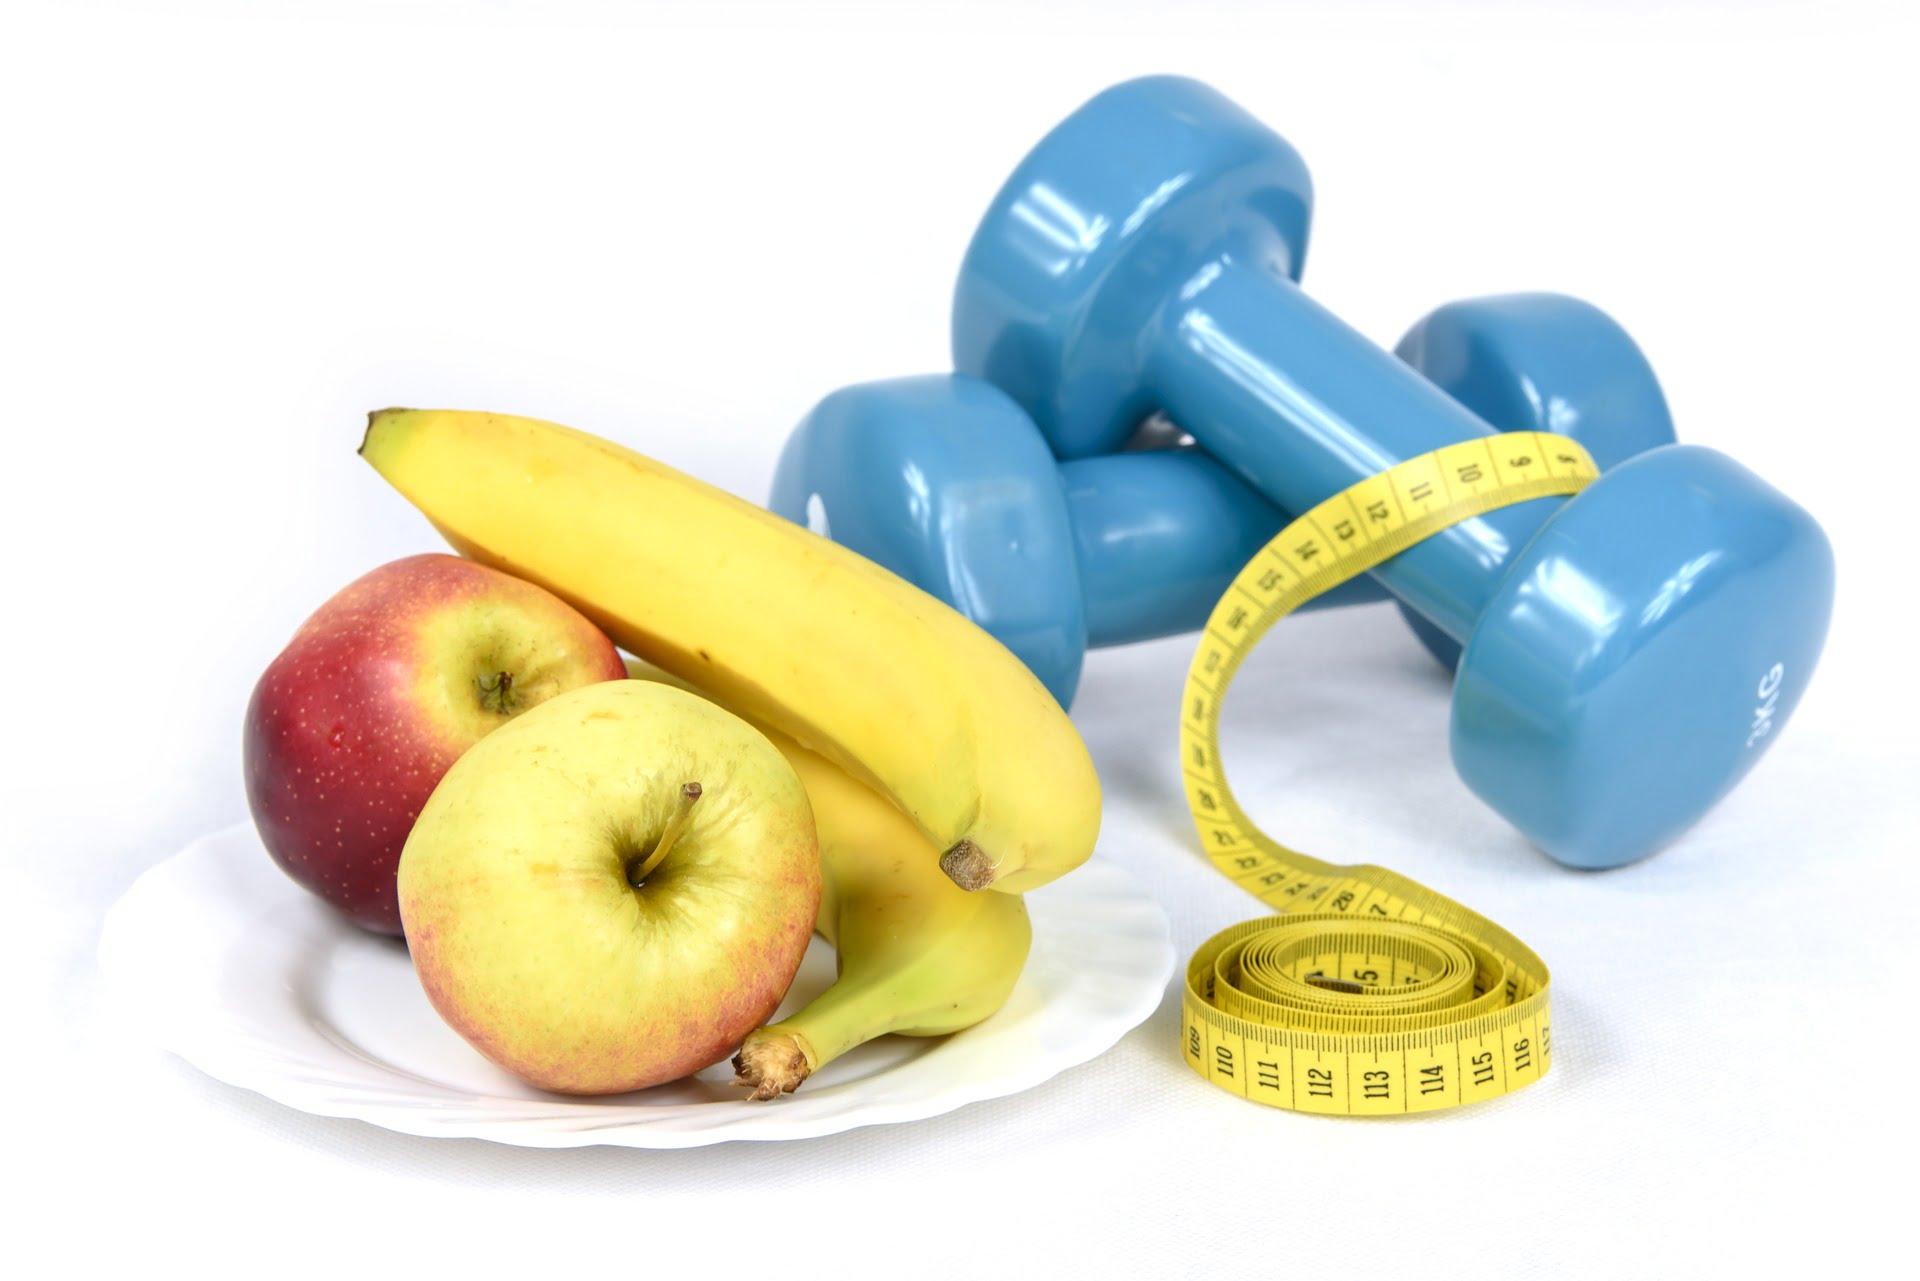 Talerz z jabłkami i bananami, obok dwie niebieskie hantle i centymetr krawiecki